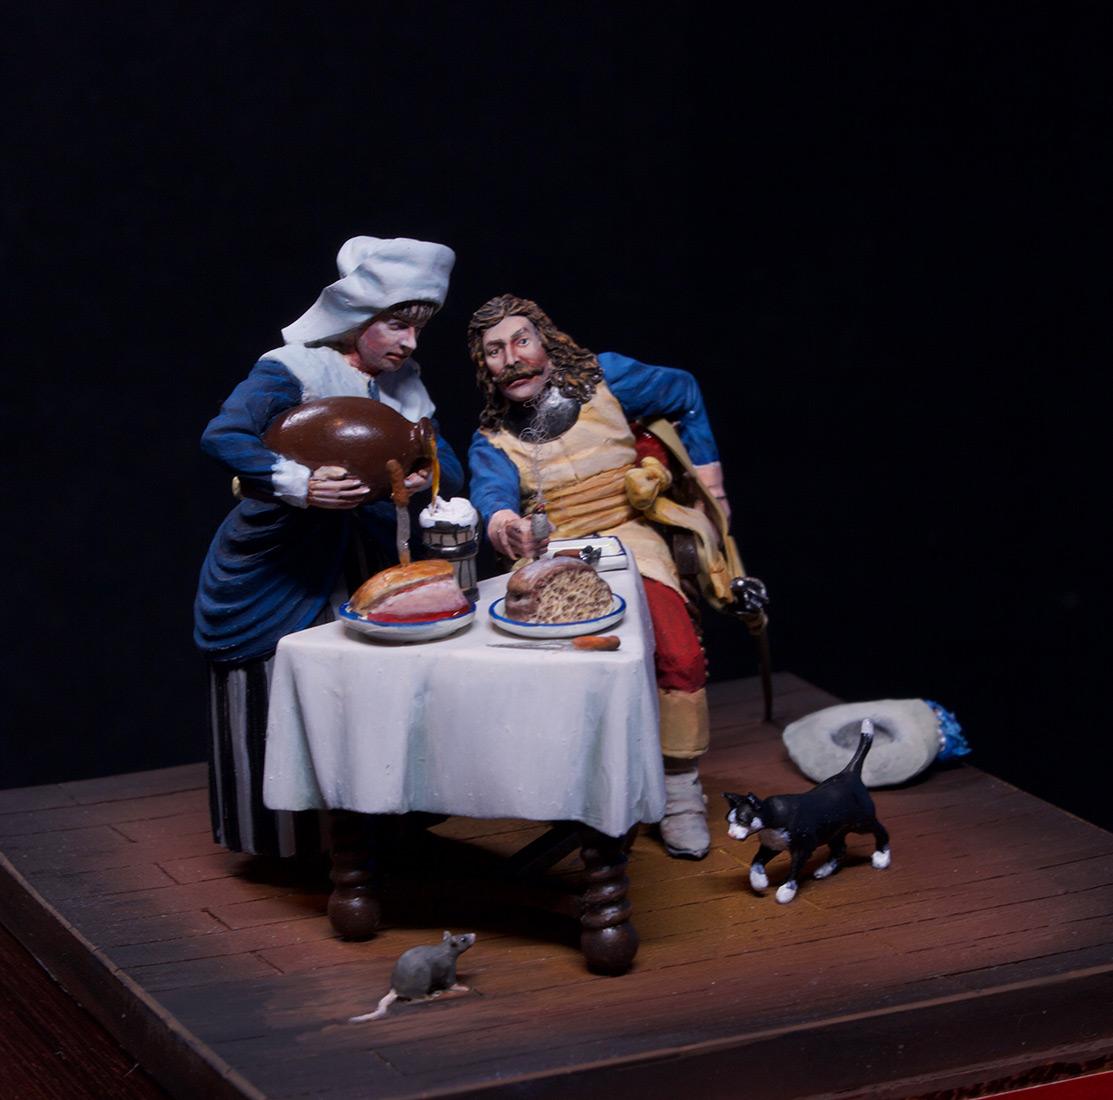 Диорамы и виньетки: Горничная и кавалер за столом, фото #2